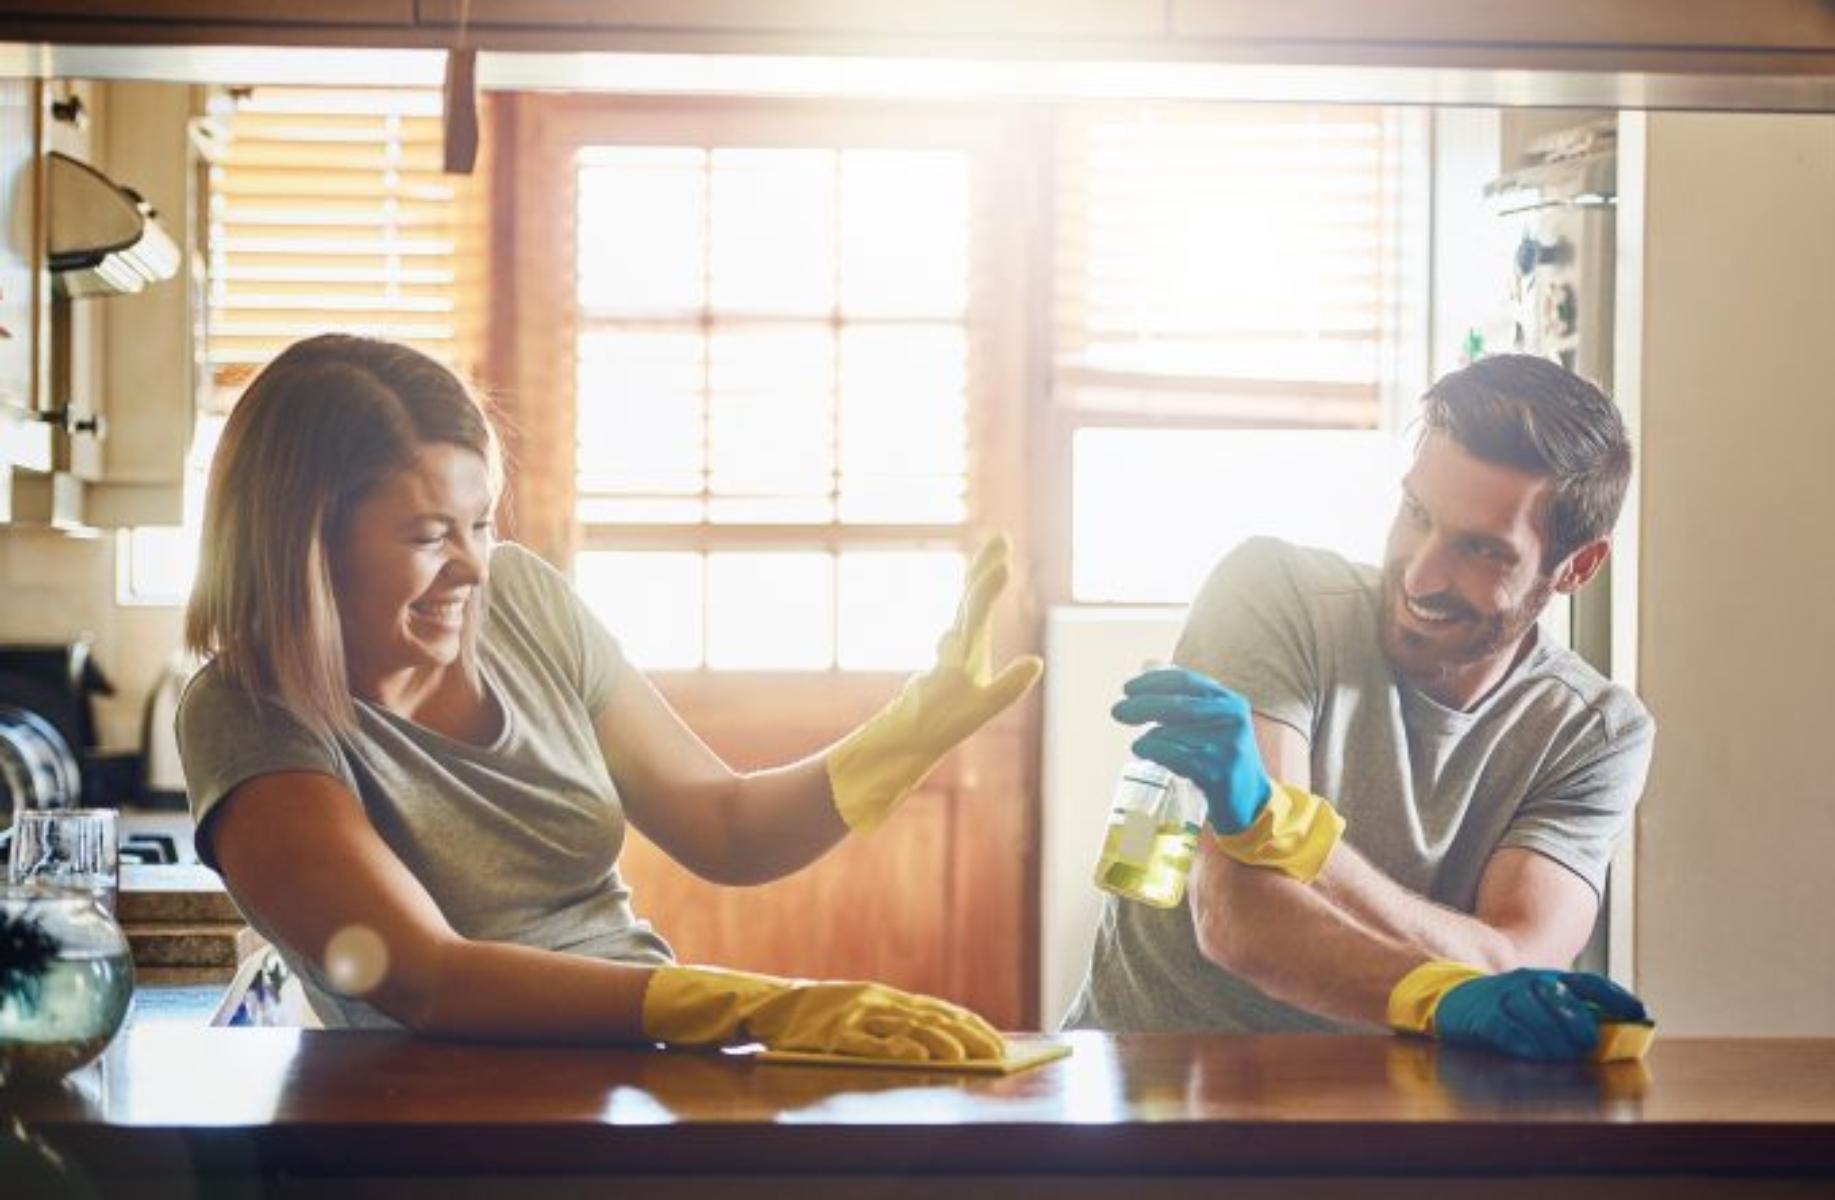 Πανδημία σχέση: Πόσο έχει επηρεάσει εσένα και το ταίρι σου